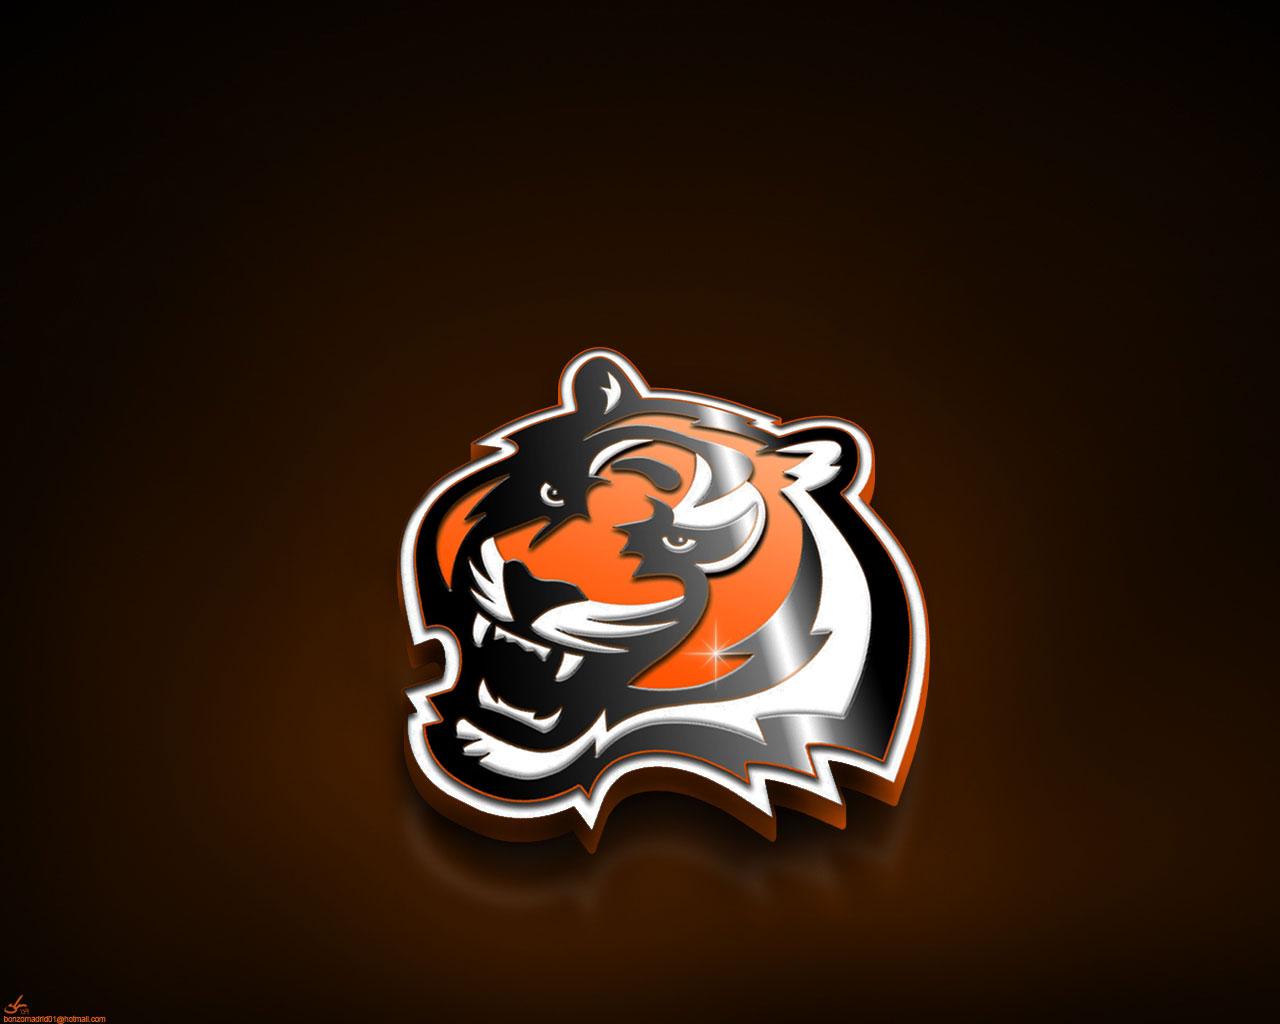 buy Cincinnati Bengals tickets